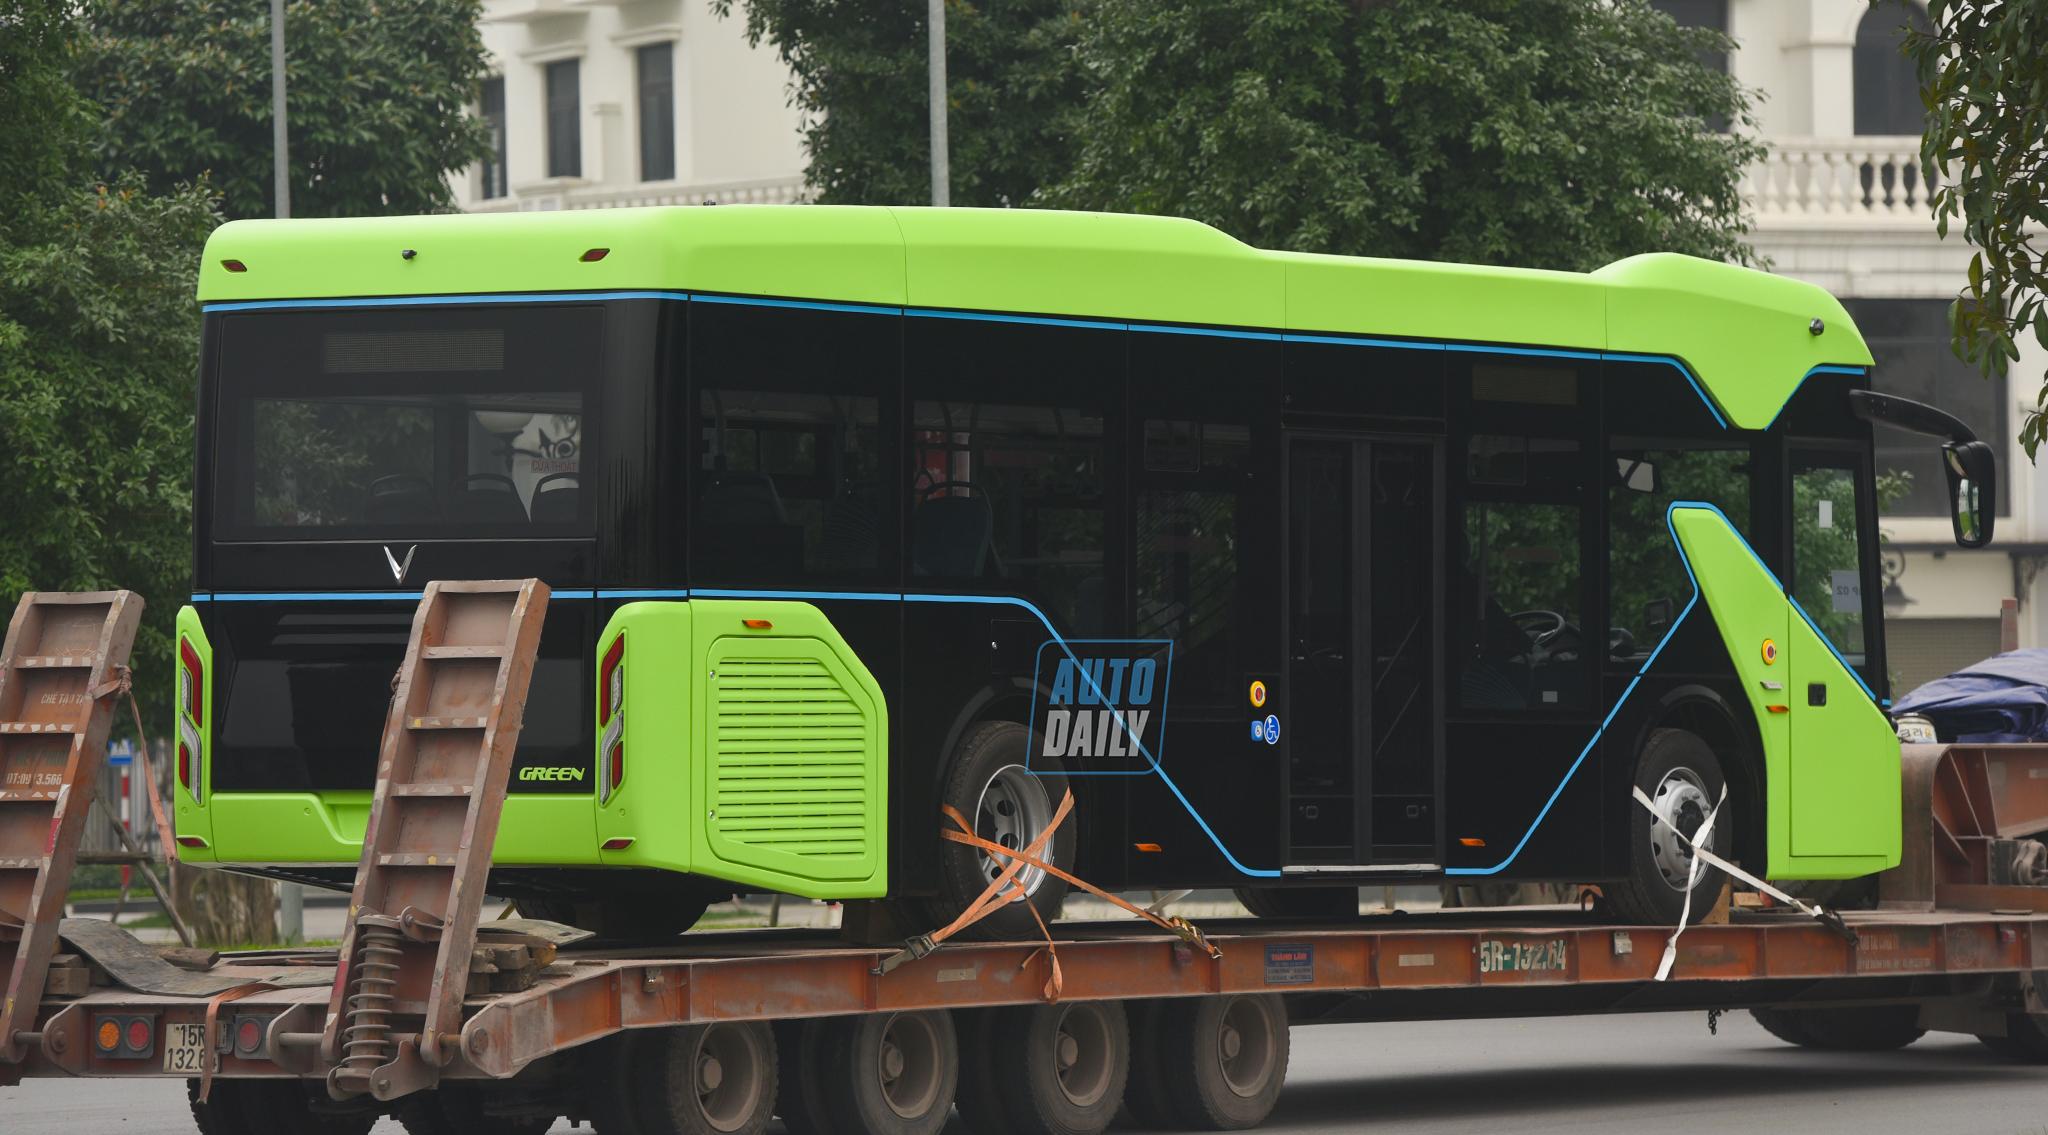 Chùm ảnh loạt xe Bus điện VinFast có mặt tại Hà Nội, sẵn sàng chạy thí điểm dsc-3882-copy.jpg